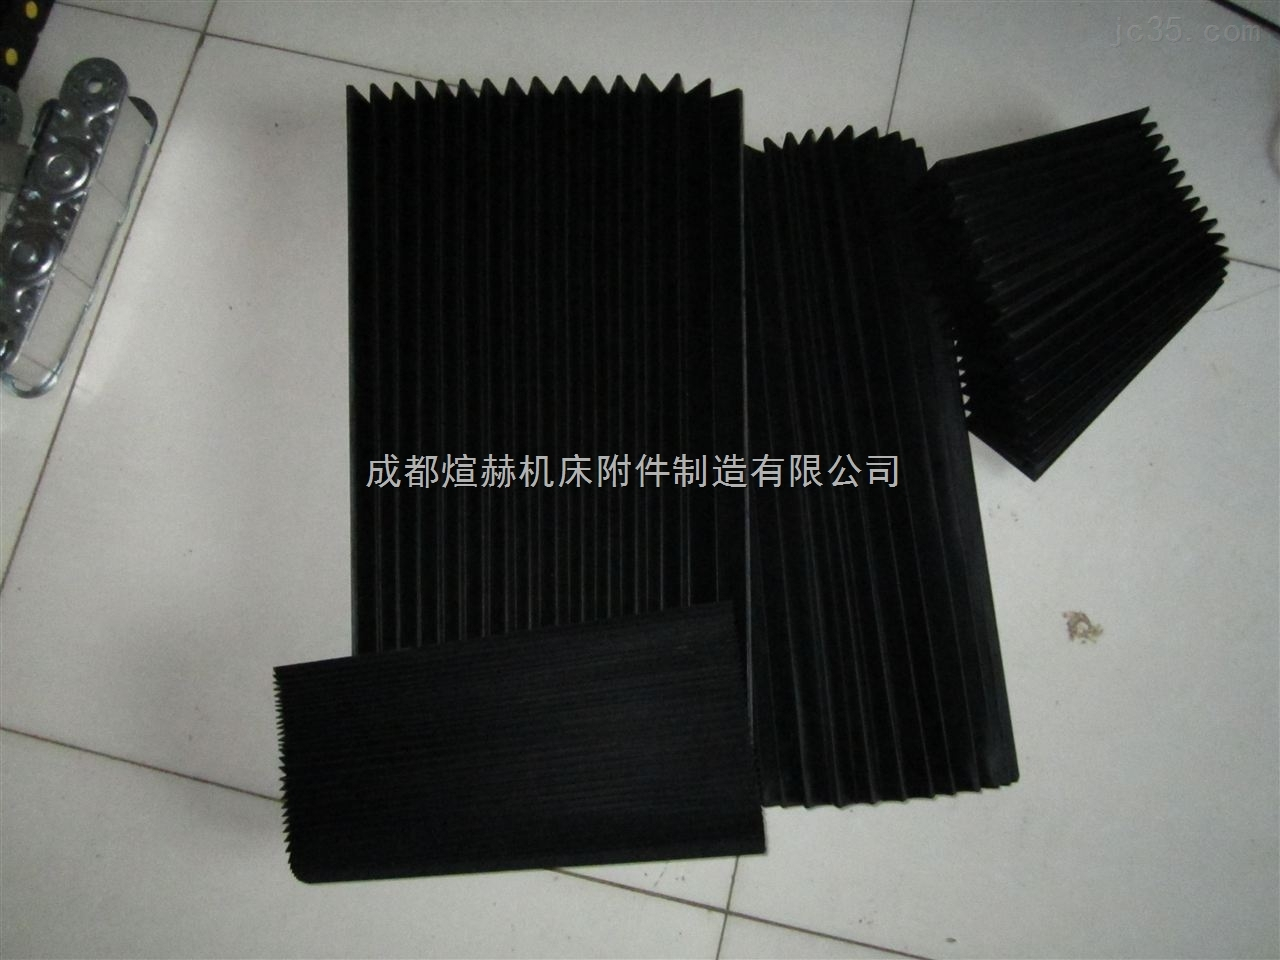 供应风琴式导轨防护罩生产公司分秒产品图片